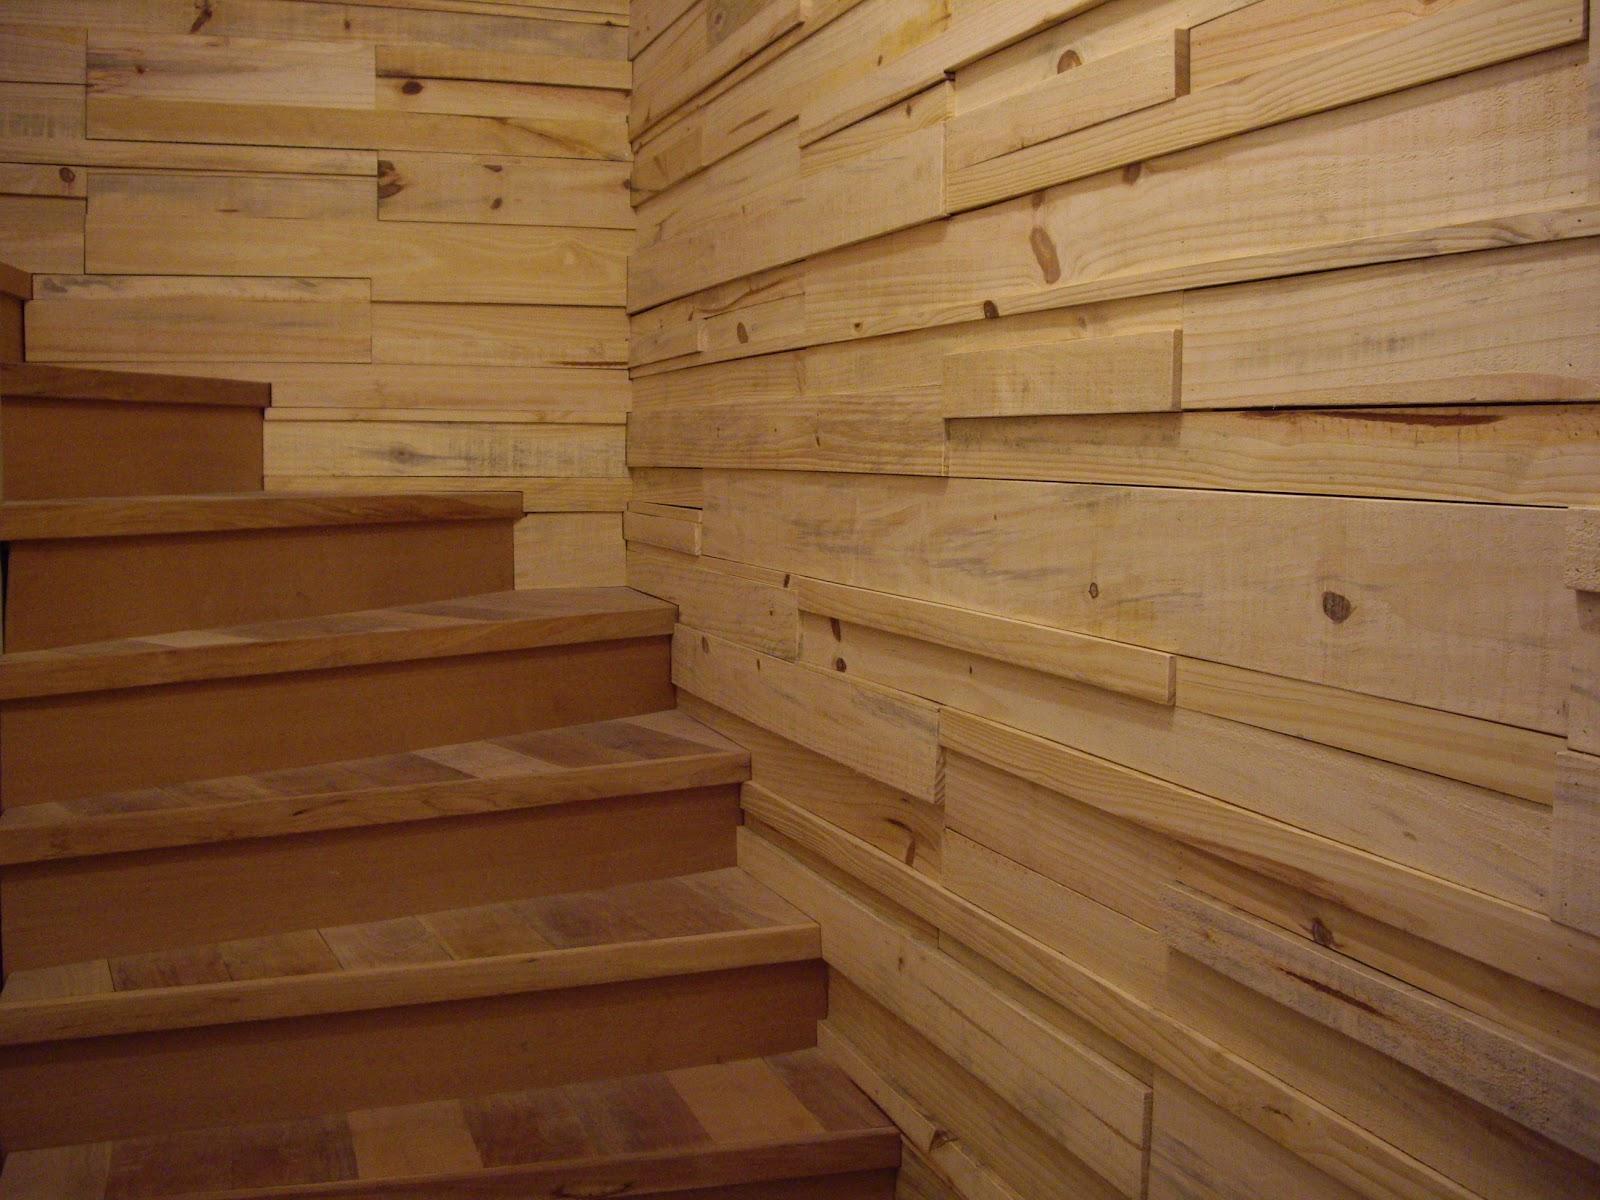 Metalarx escalera y revestimiento en madera casa ratzmann - Recubrimiento de piedra ...